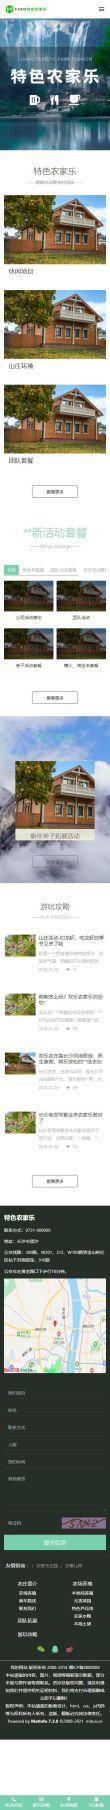 休闲农庄网站模板,休闲农庄网页模板,休闲农庄响应式网站模板